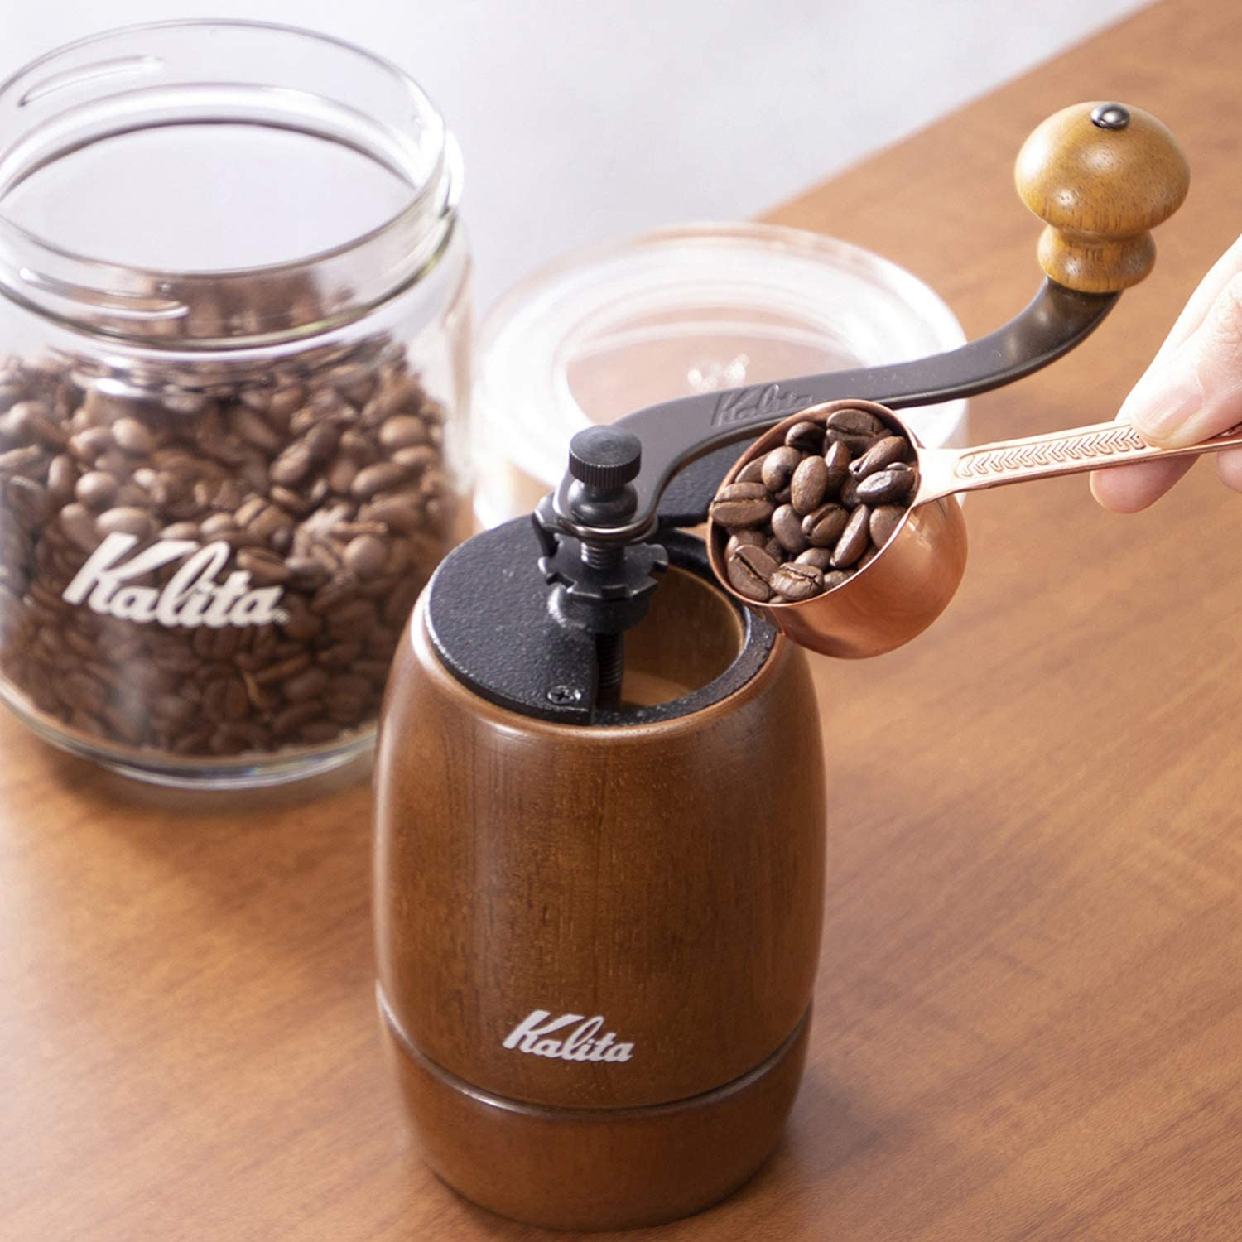 Kalita(カリタ) コーヒーミル KH-9 #42121の商品画像2